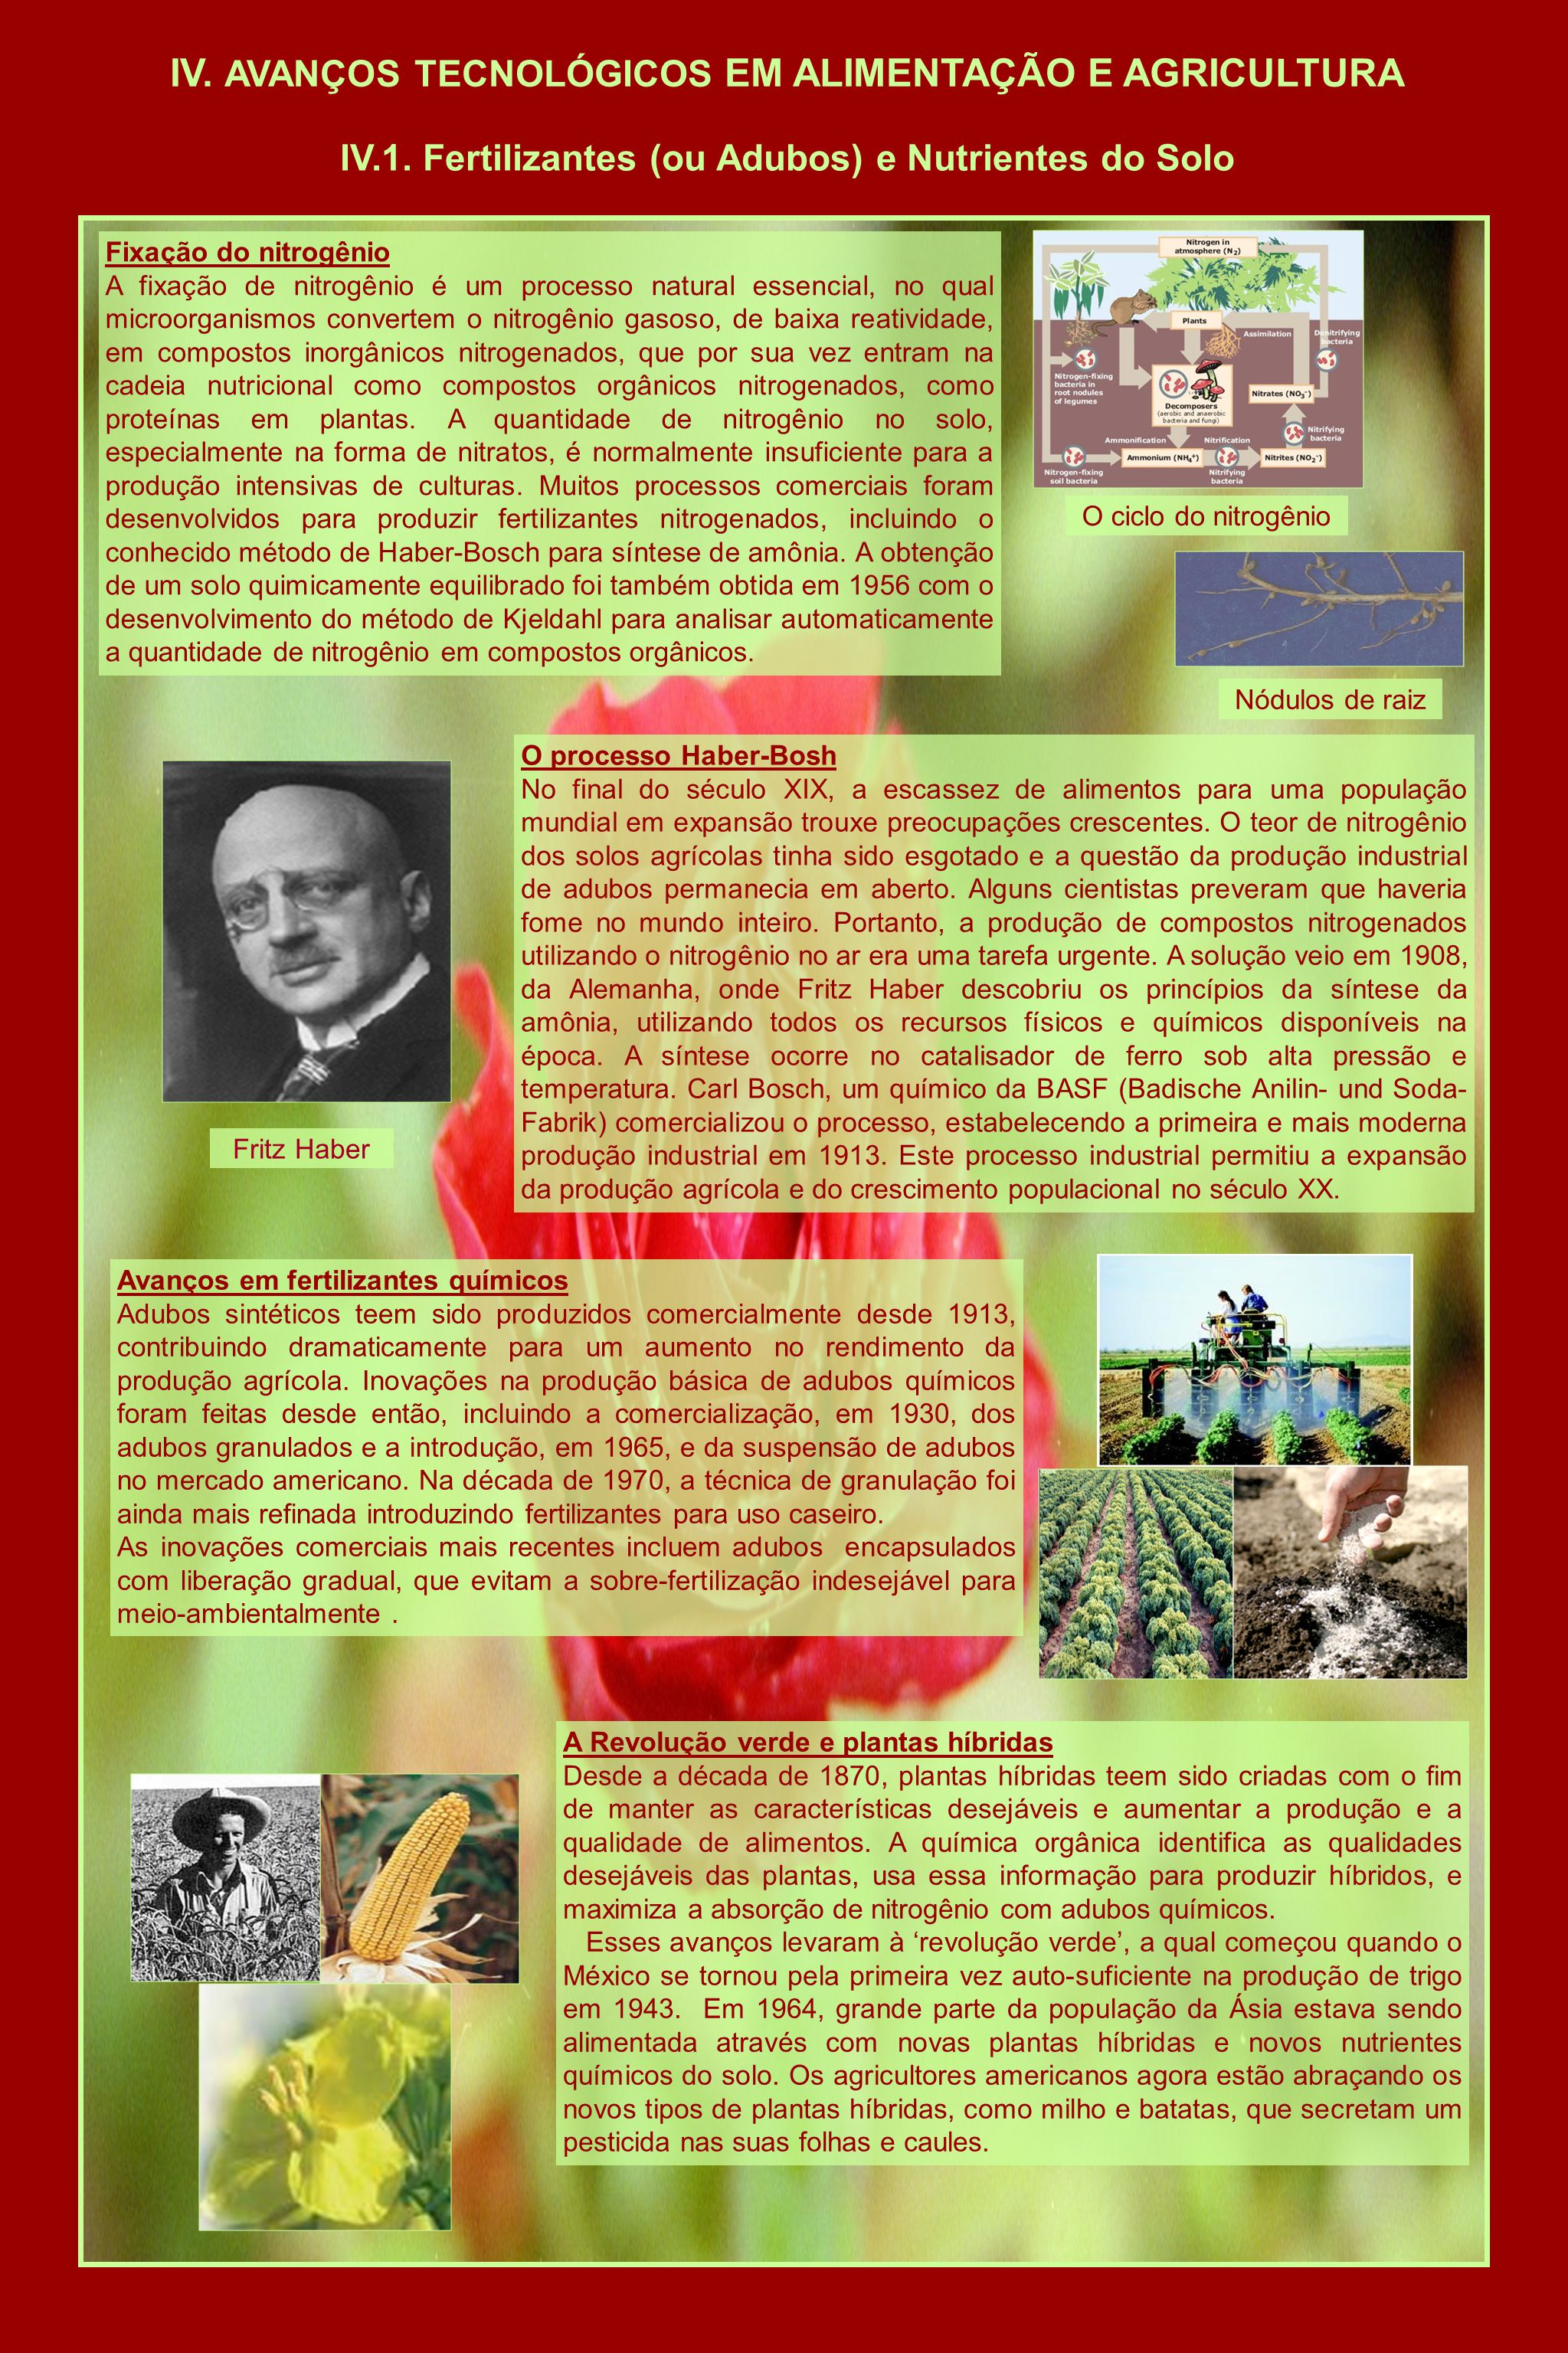 IV. AVANÇOS TECNOLÓGICOS EM ALIMENTAÇÃO E AGRICULTURA